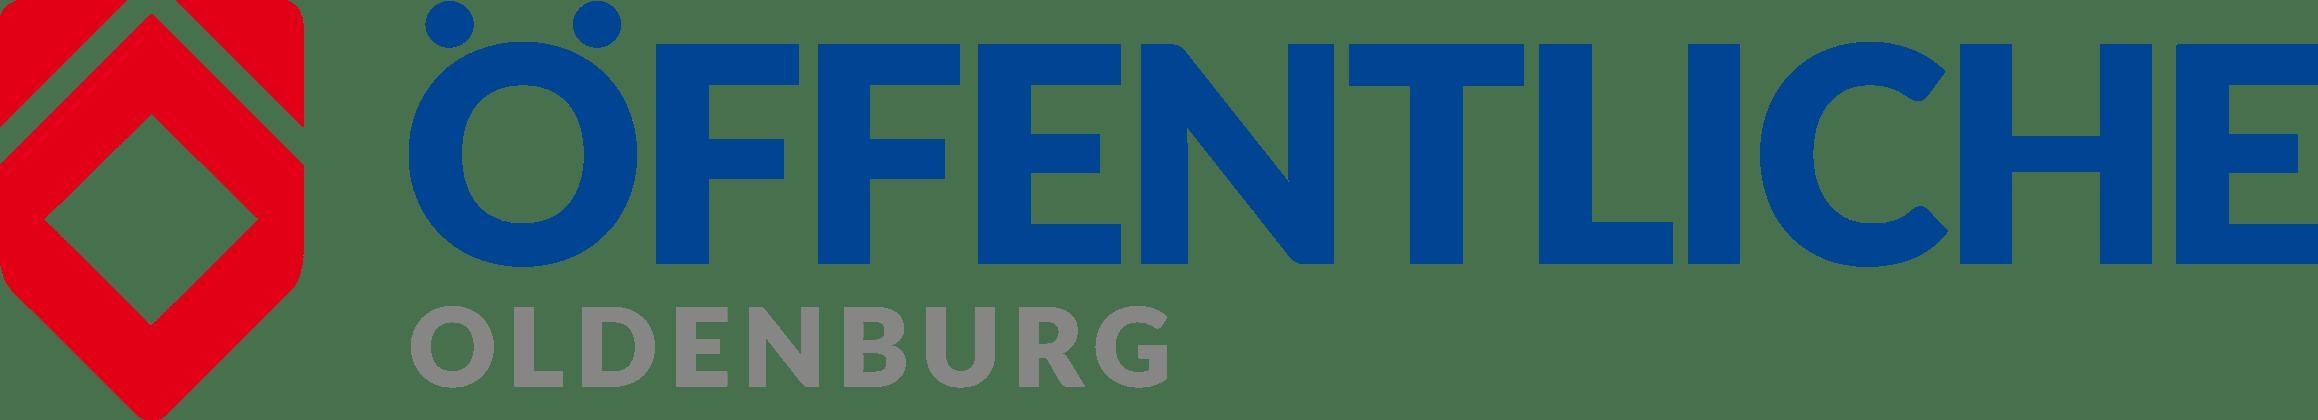 ÖFFENTLICHE Oldenburg